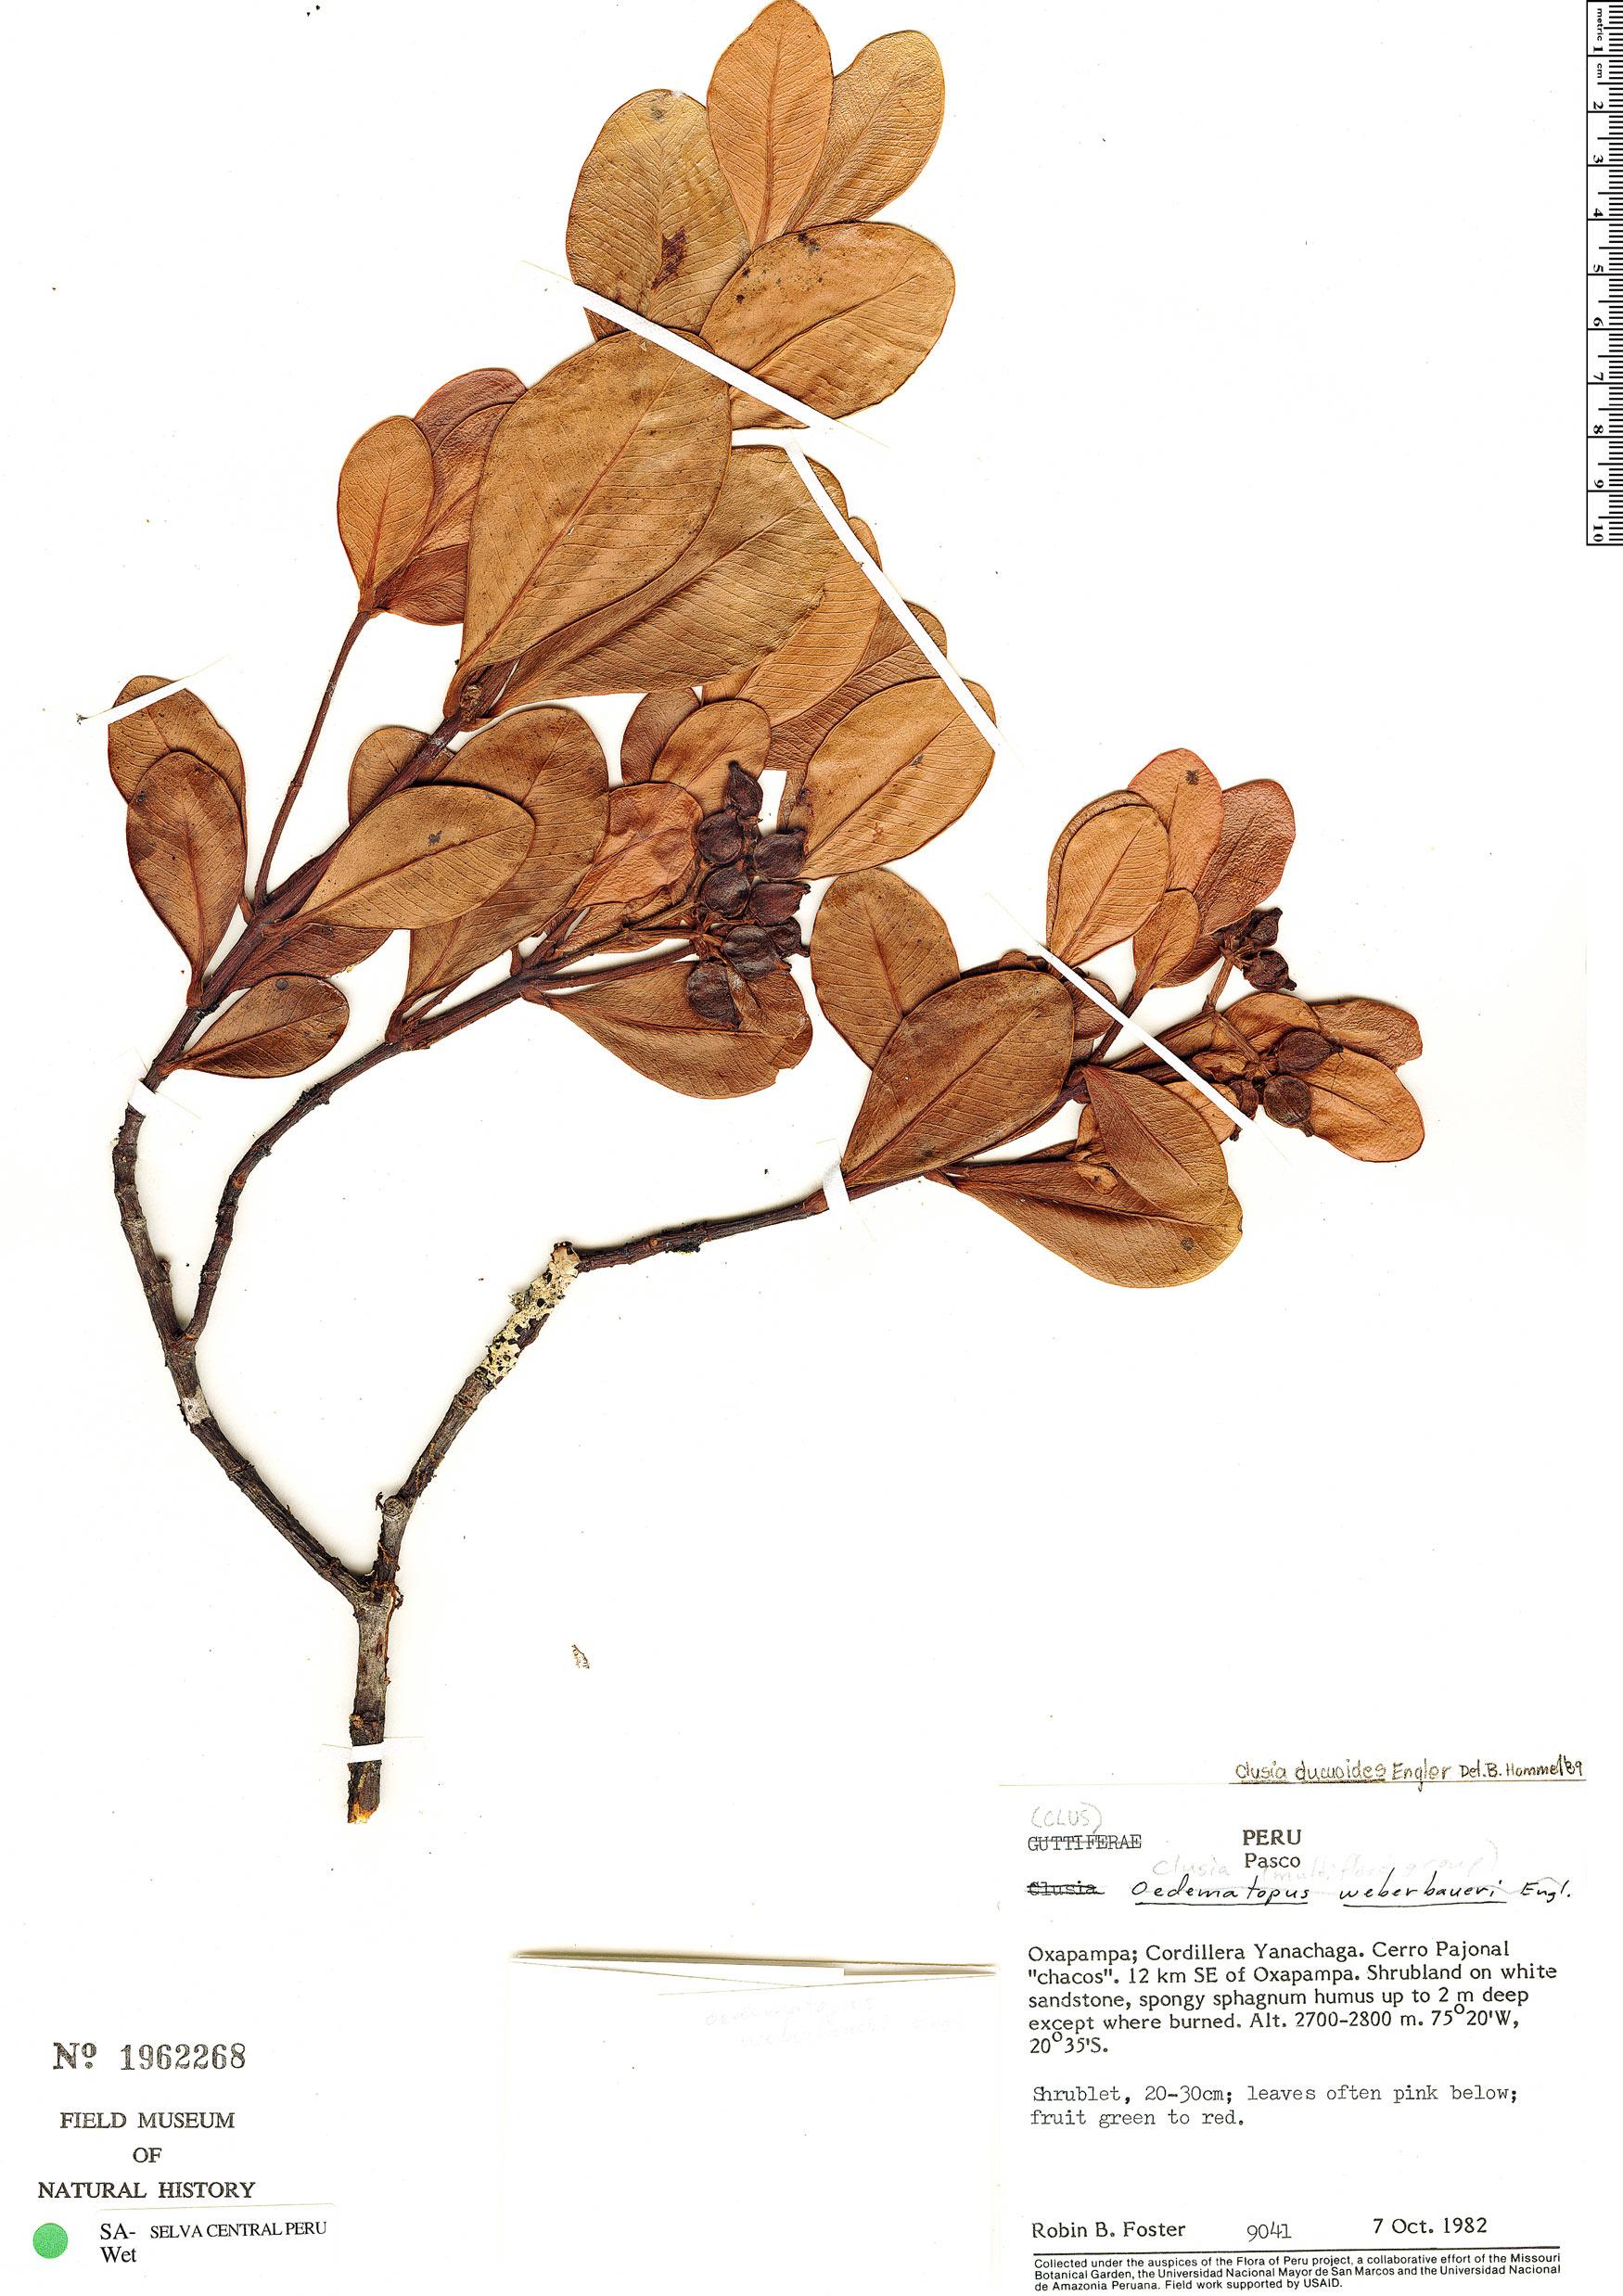 Espécime: Clusia ducuoides